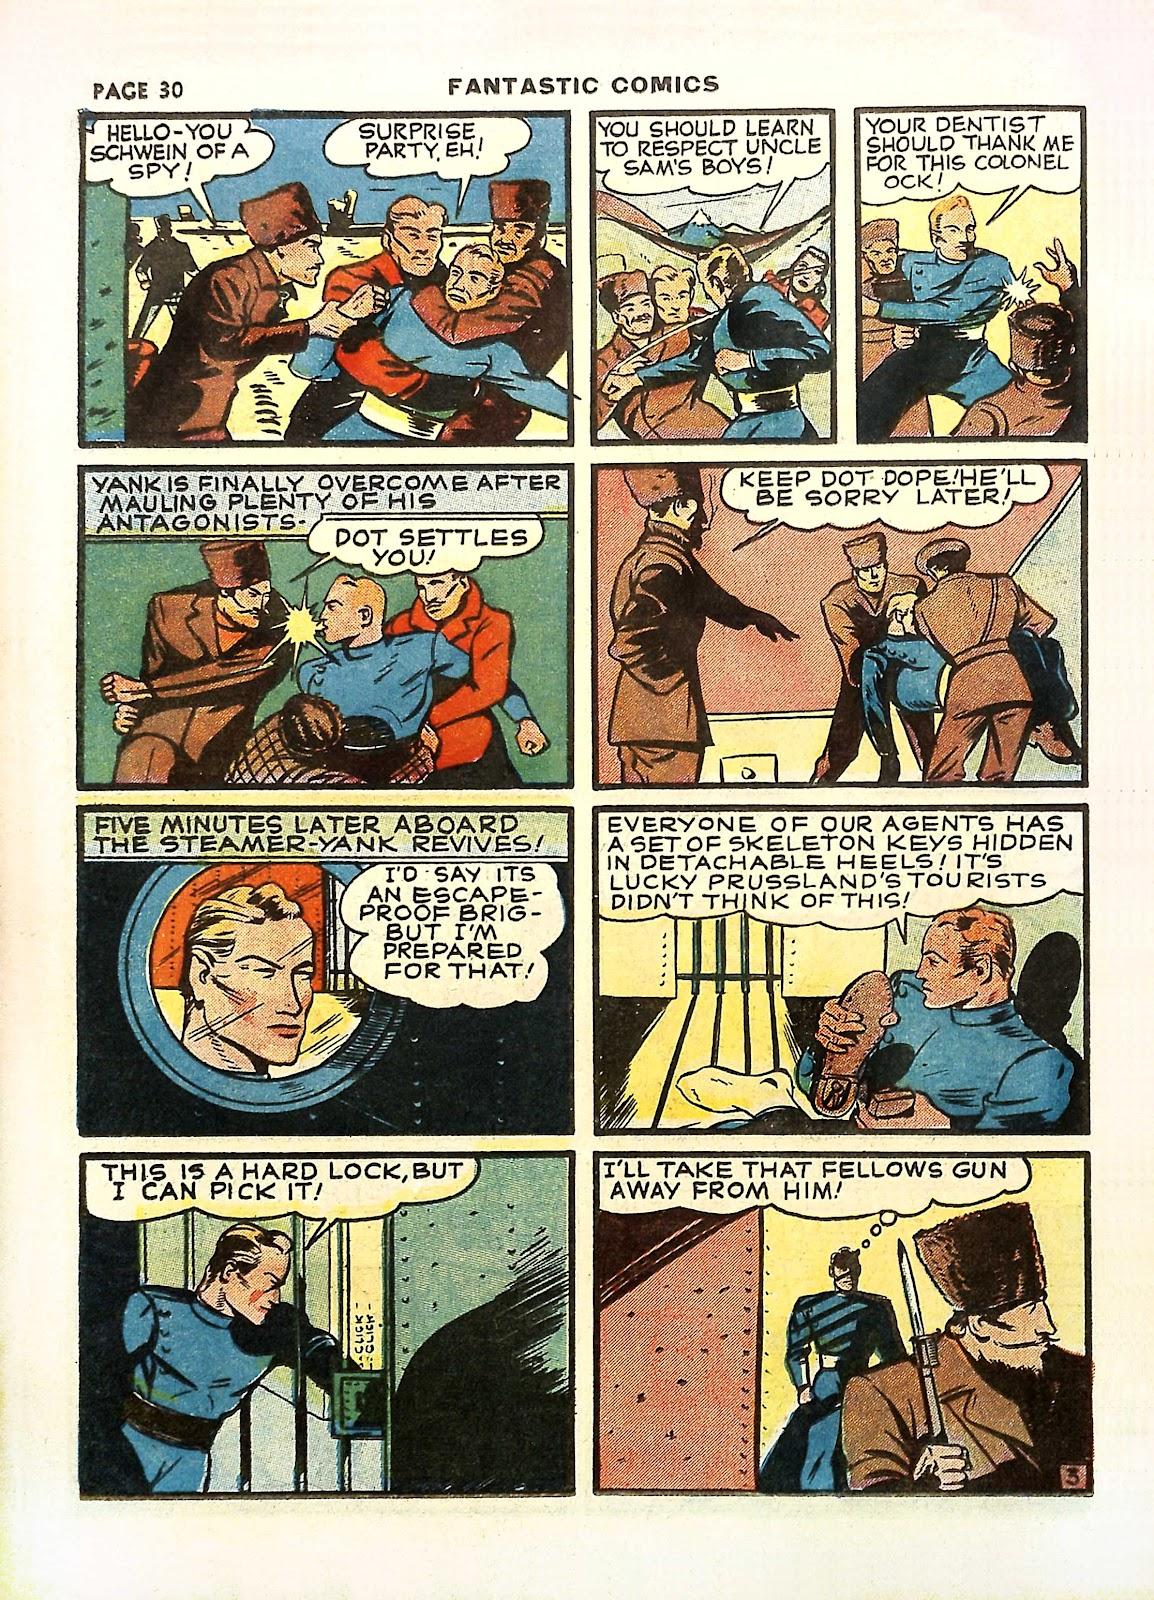 Read online Fantastic Comics comic -  Issue #11 - 33